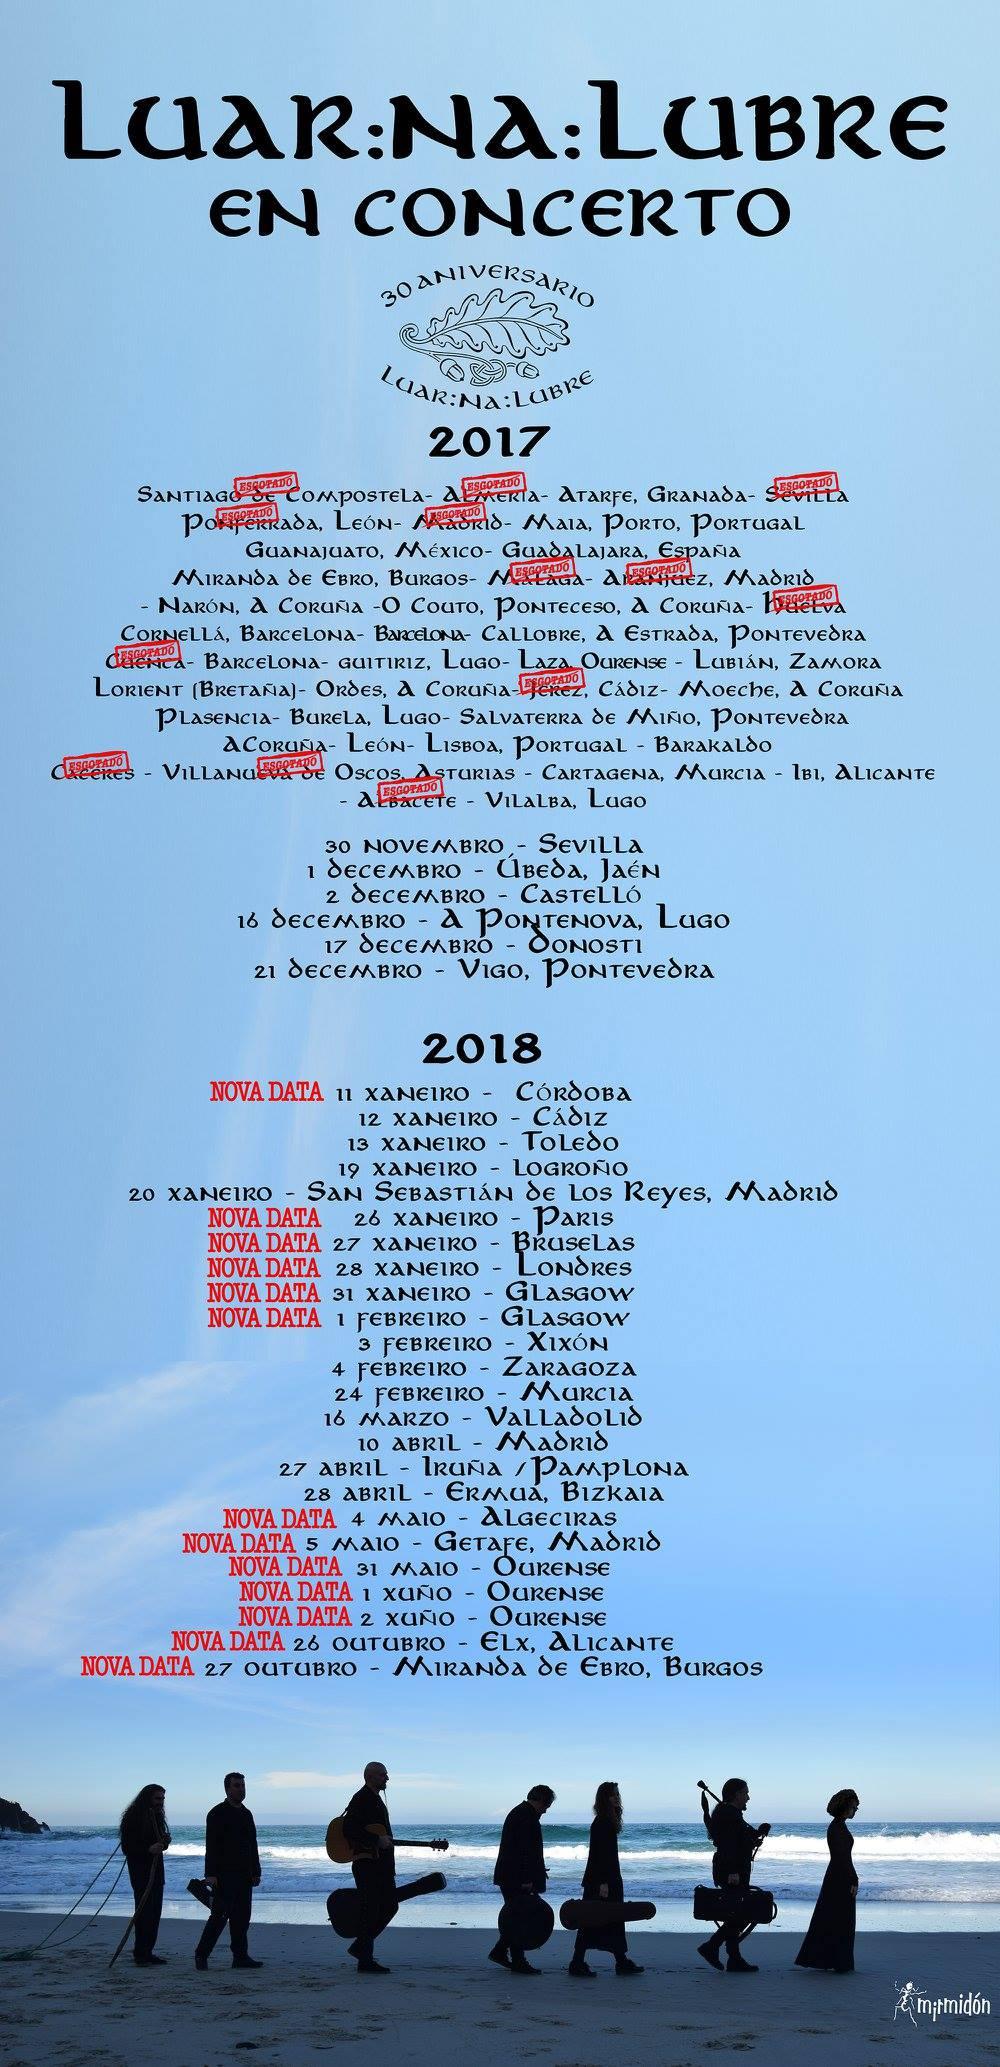 Luar na lubre conciertos 2018